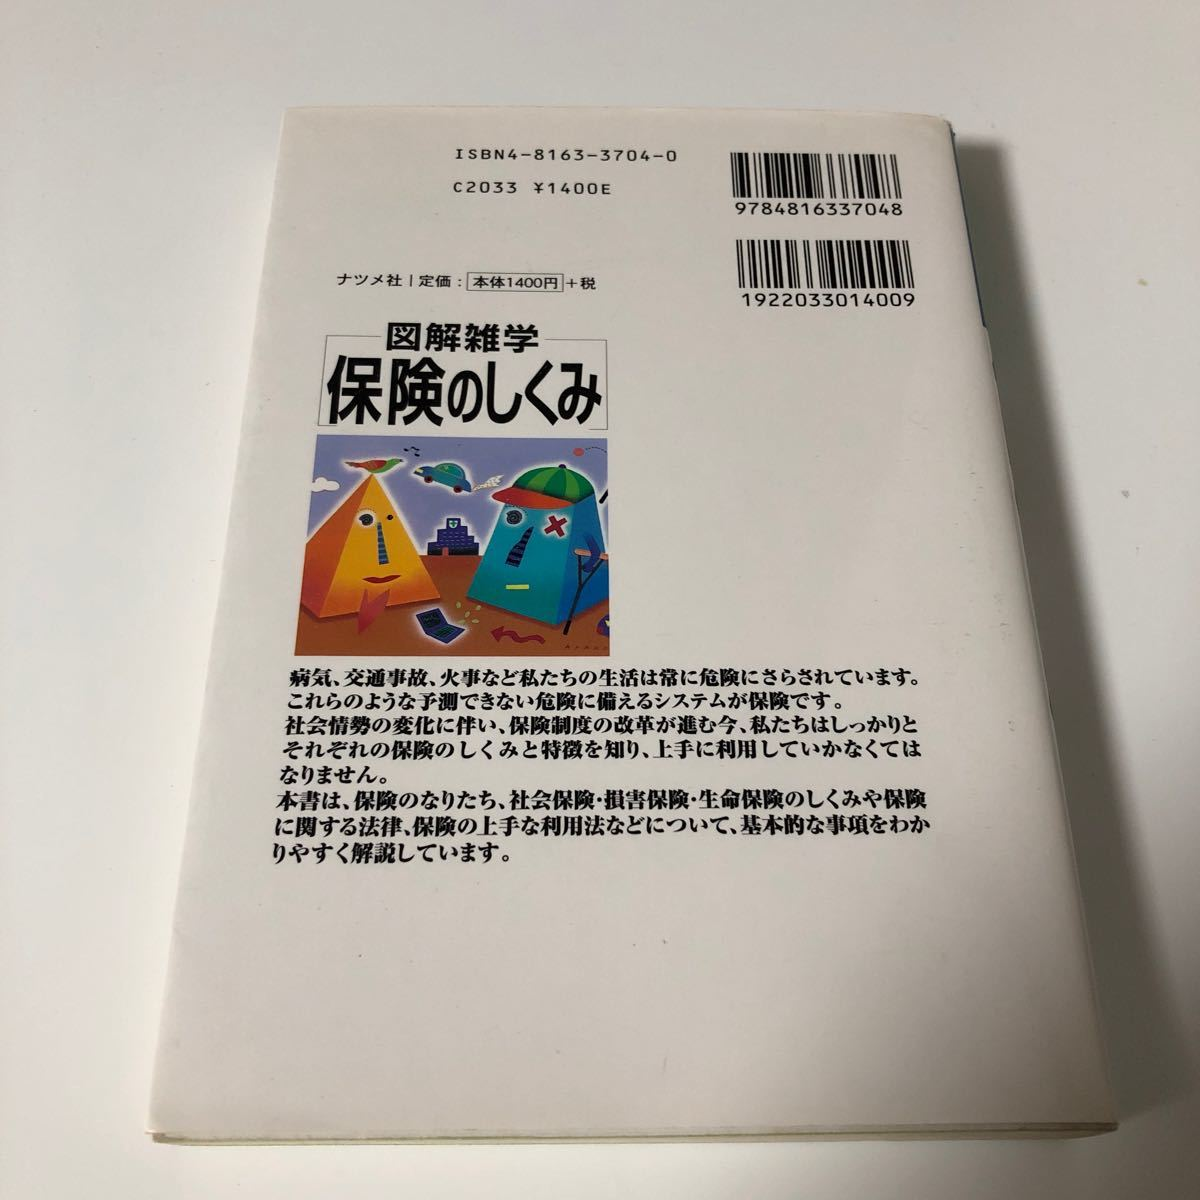 図解雑学 保険のしくみ 図解雑学シリーズ/道端忠孝 (著者)